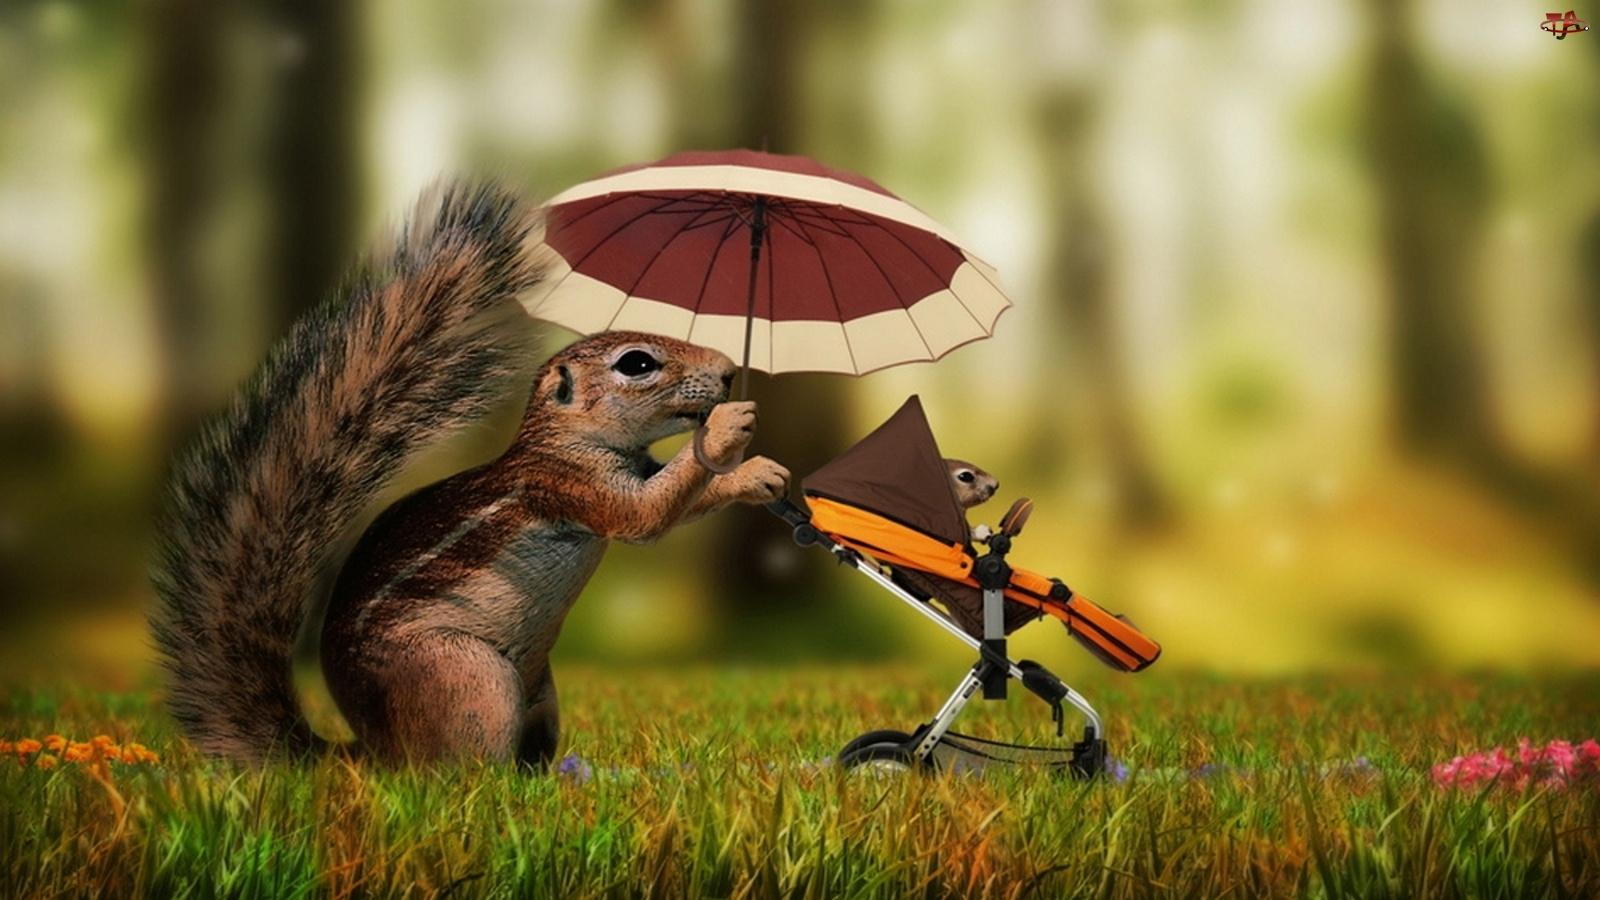 Wózek, Wiewiórka, Parasolka